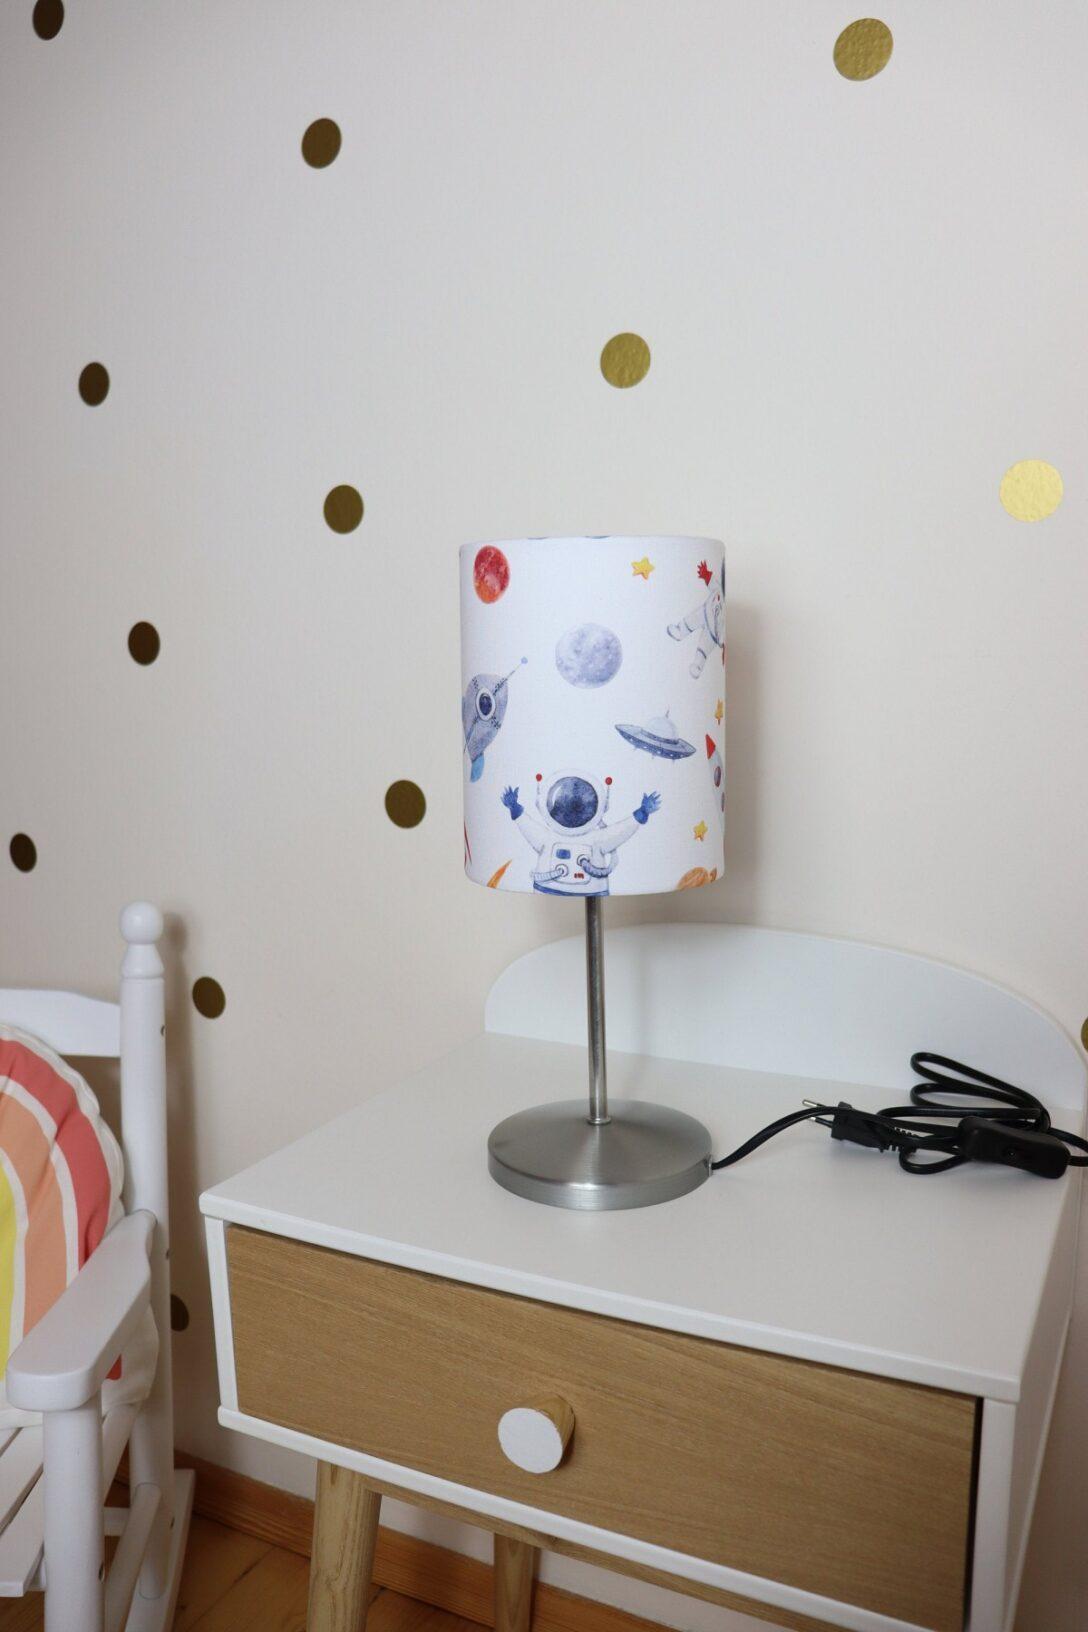 Large Size of Kinderzimmer Wanddeko Tikinderzimmer Deko Weltraum Kinderlampe Raketen Online Regal Weiß Küche Sofa Regale Kinderzimmer Kinderzimmer Wanddeko